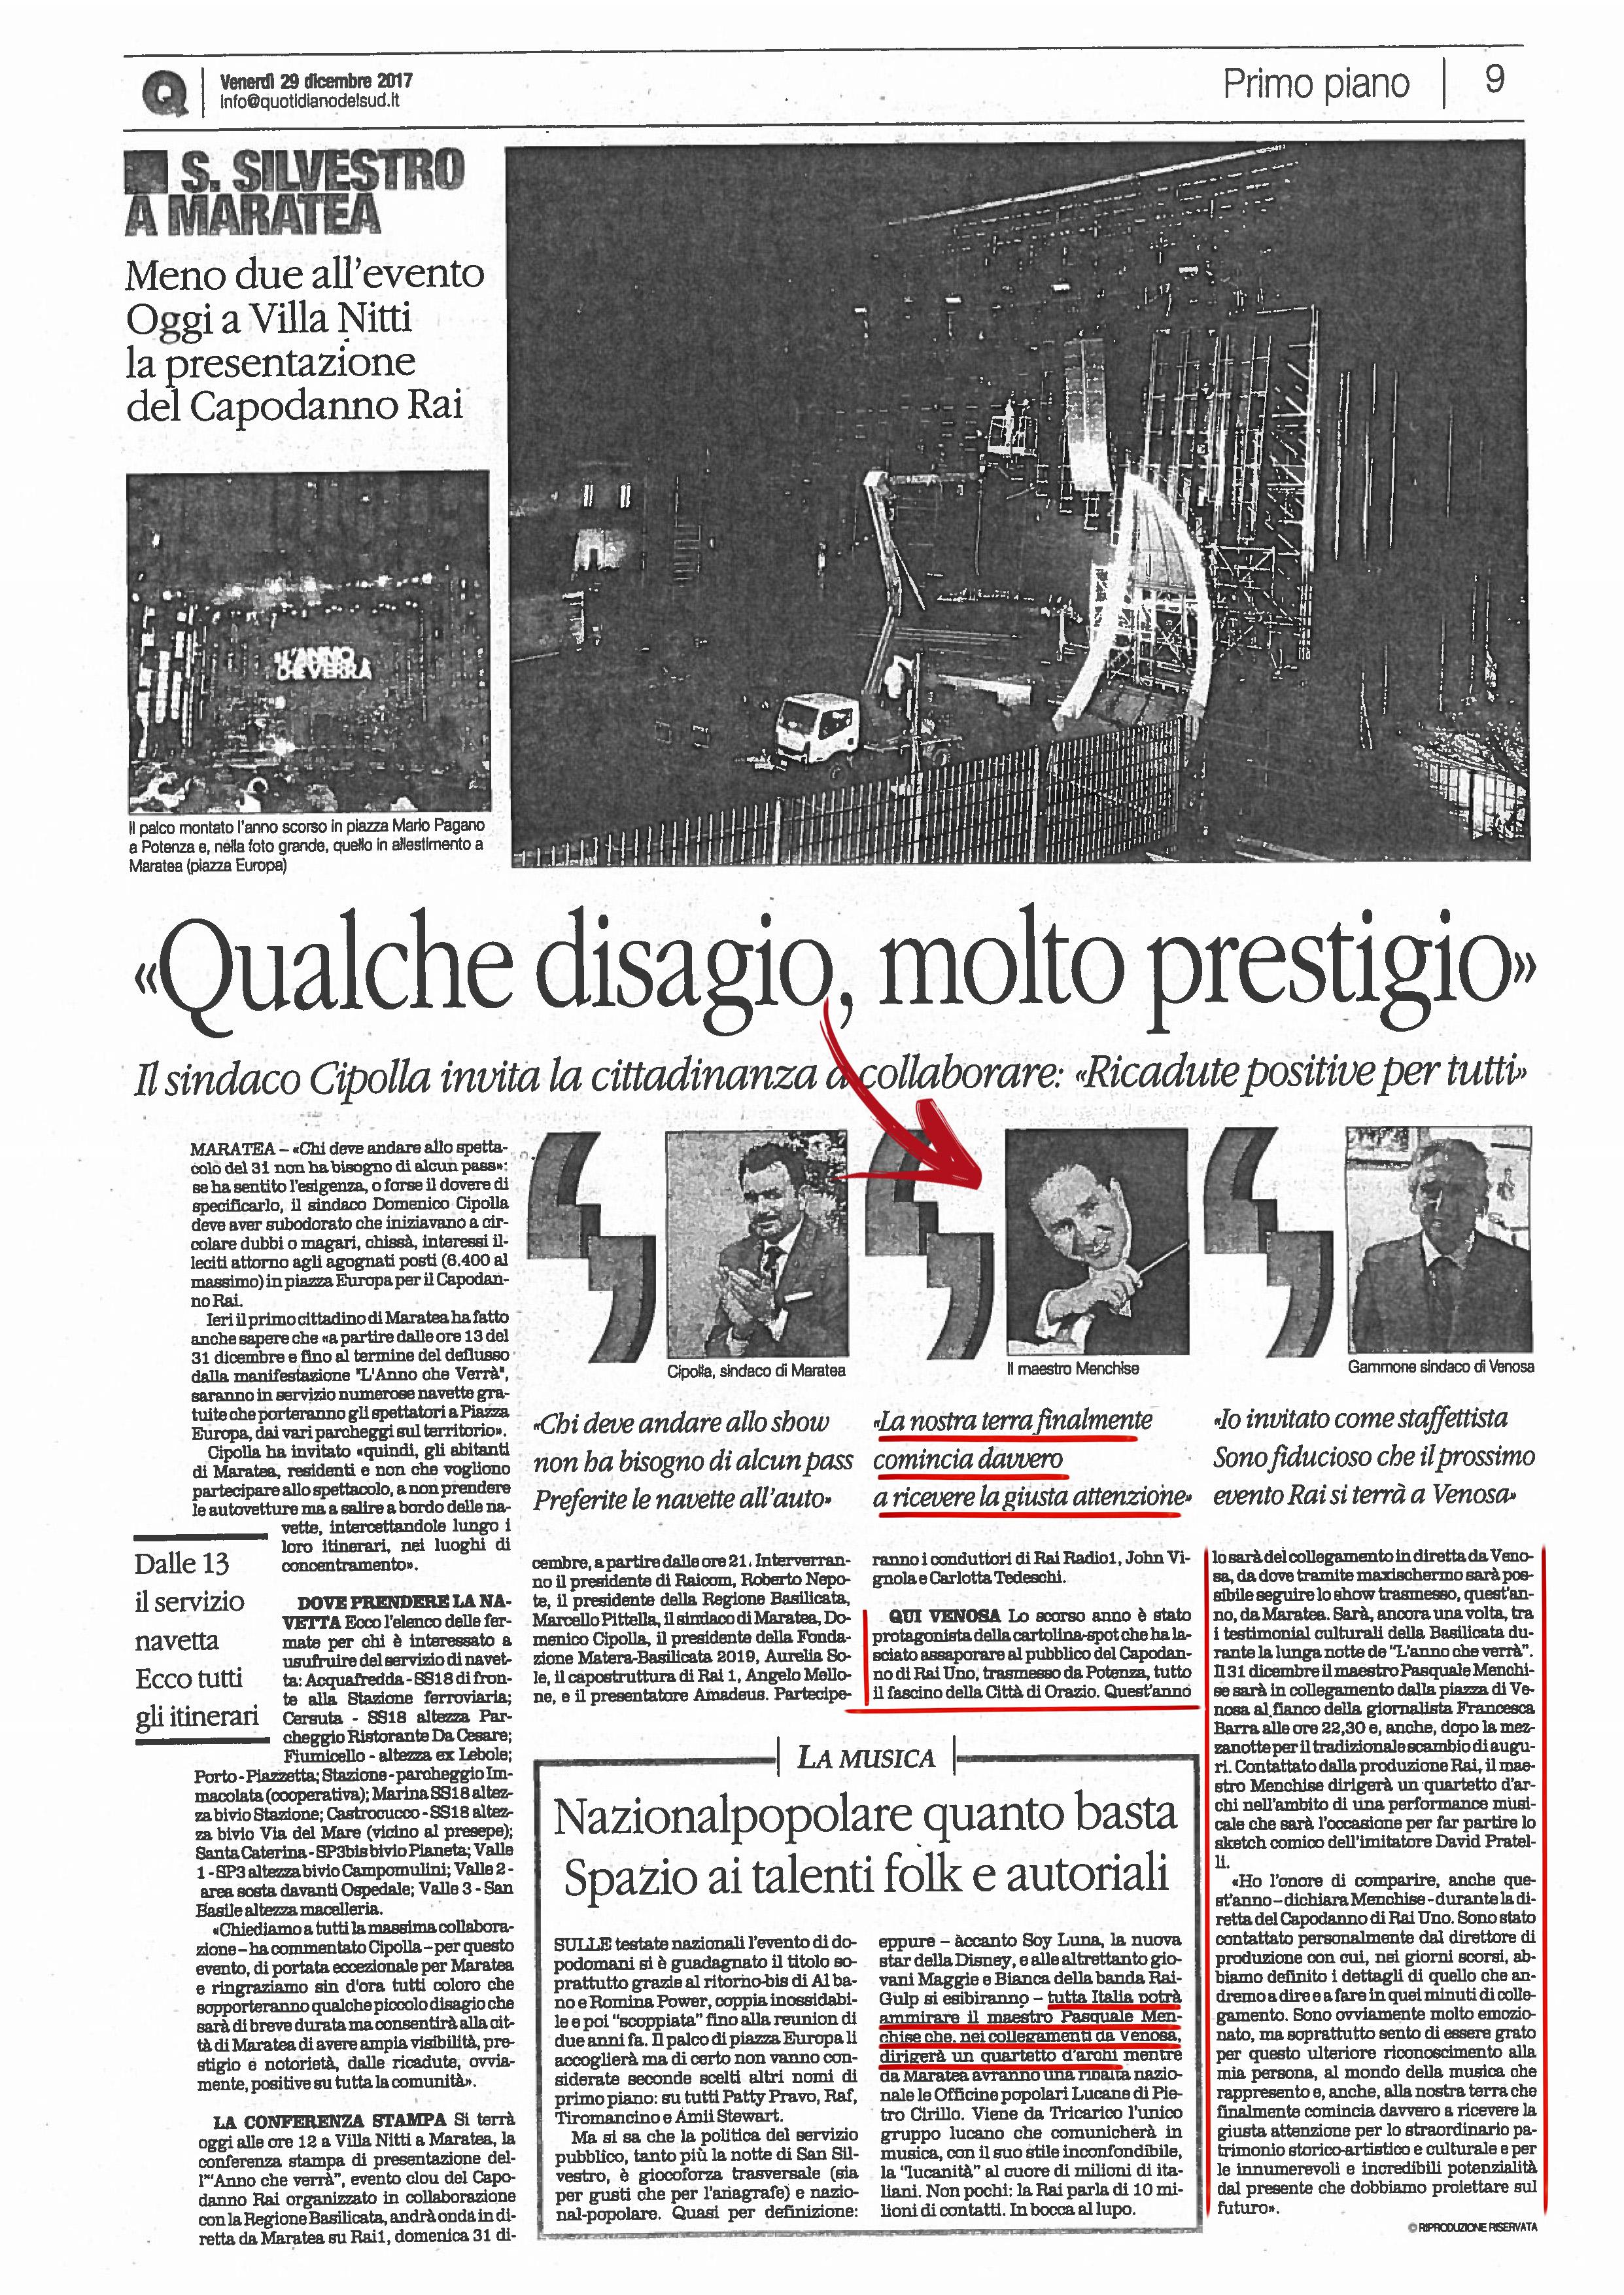 4_Quotidiano 29.12.17